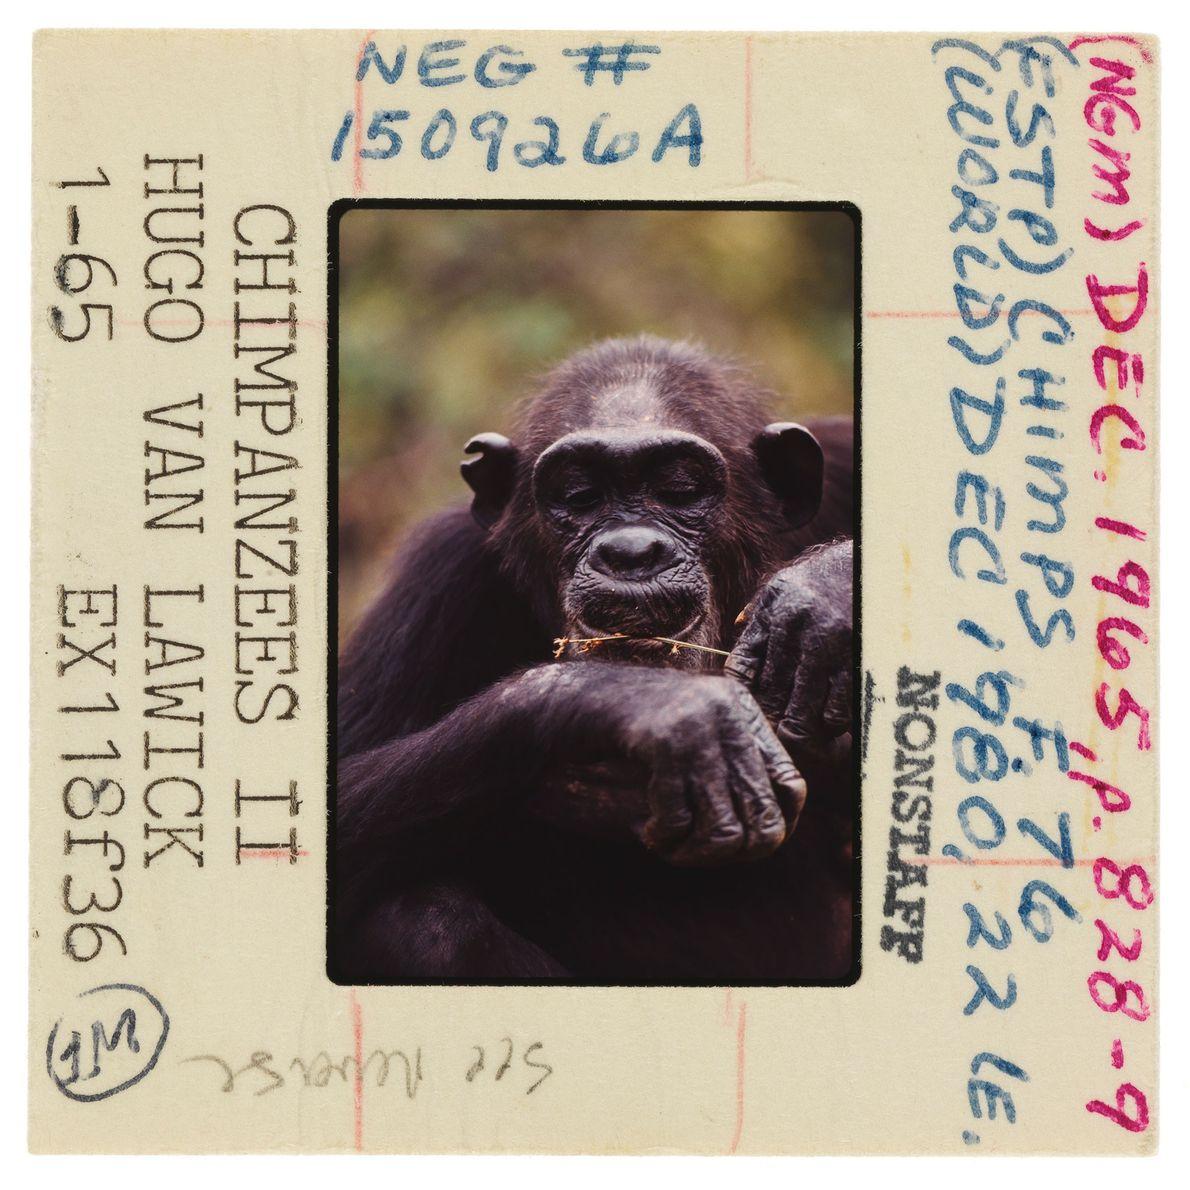 Un chimpanzé retire les termites d'une brindille à l'aide de ses lèvres. Jane Goodall fut la ...